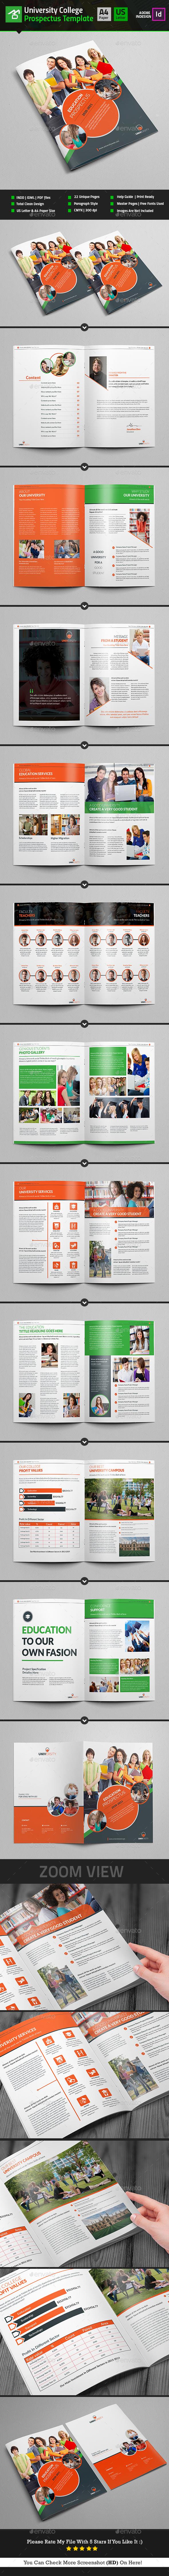 college prospectus graphics designs templates